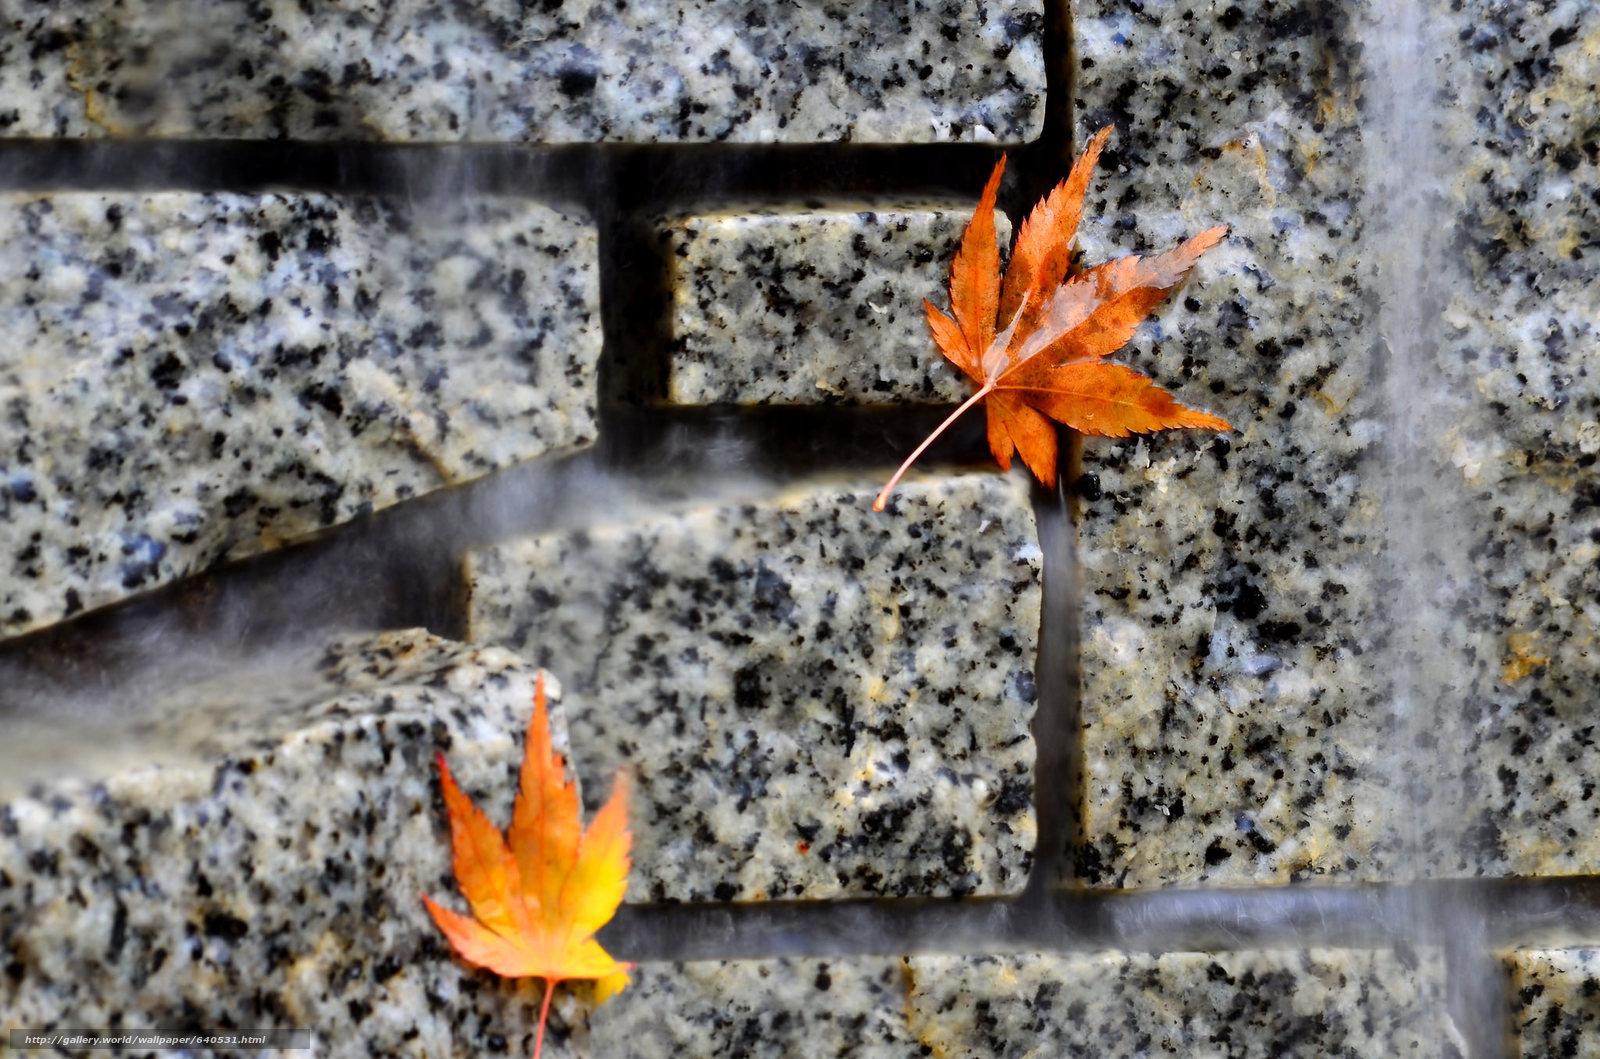 Tlcharger Fond d'ecran mur,  granit,  feuillage,  TEXTURE Fonds d'ecran gratuits pour votre rsolution du bureau 2048x1356 — image №640531